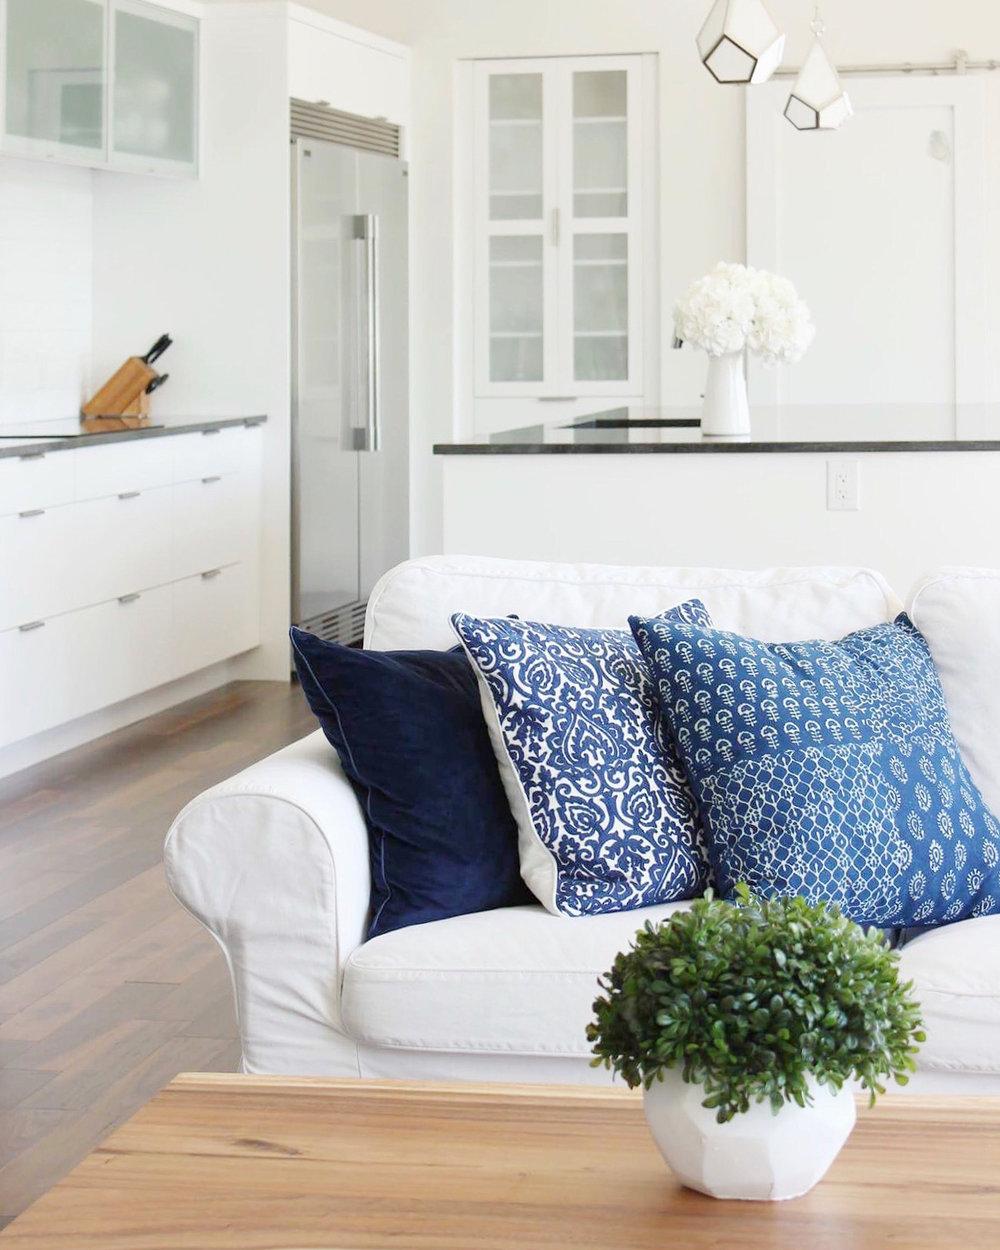 Gorgeous coffee table:  Wicker Emporium  | White sofa:  Ikea  | Pillows: Homesense Canada